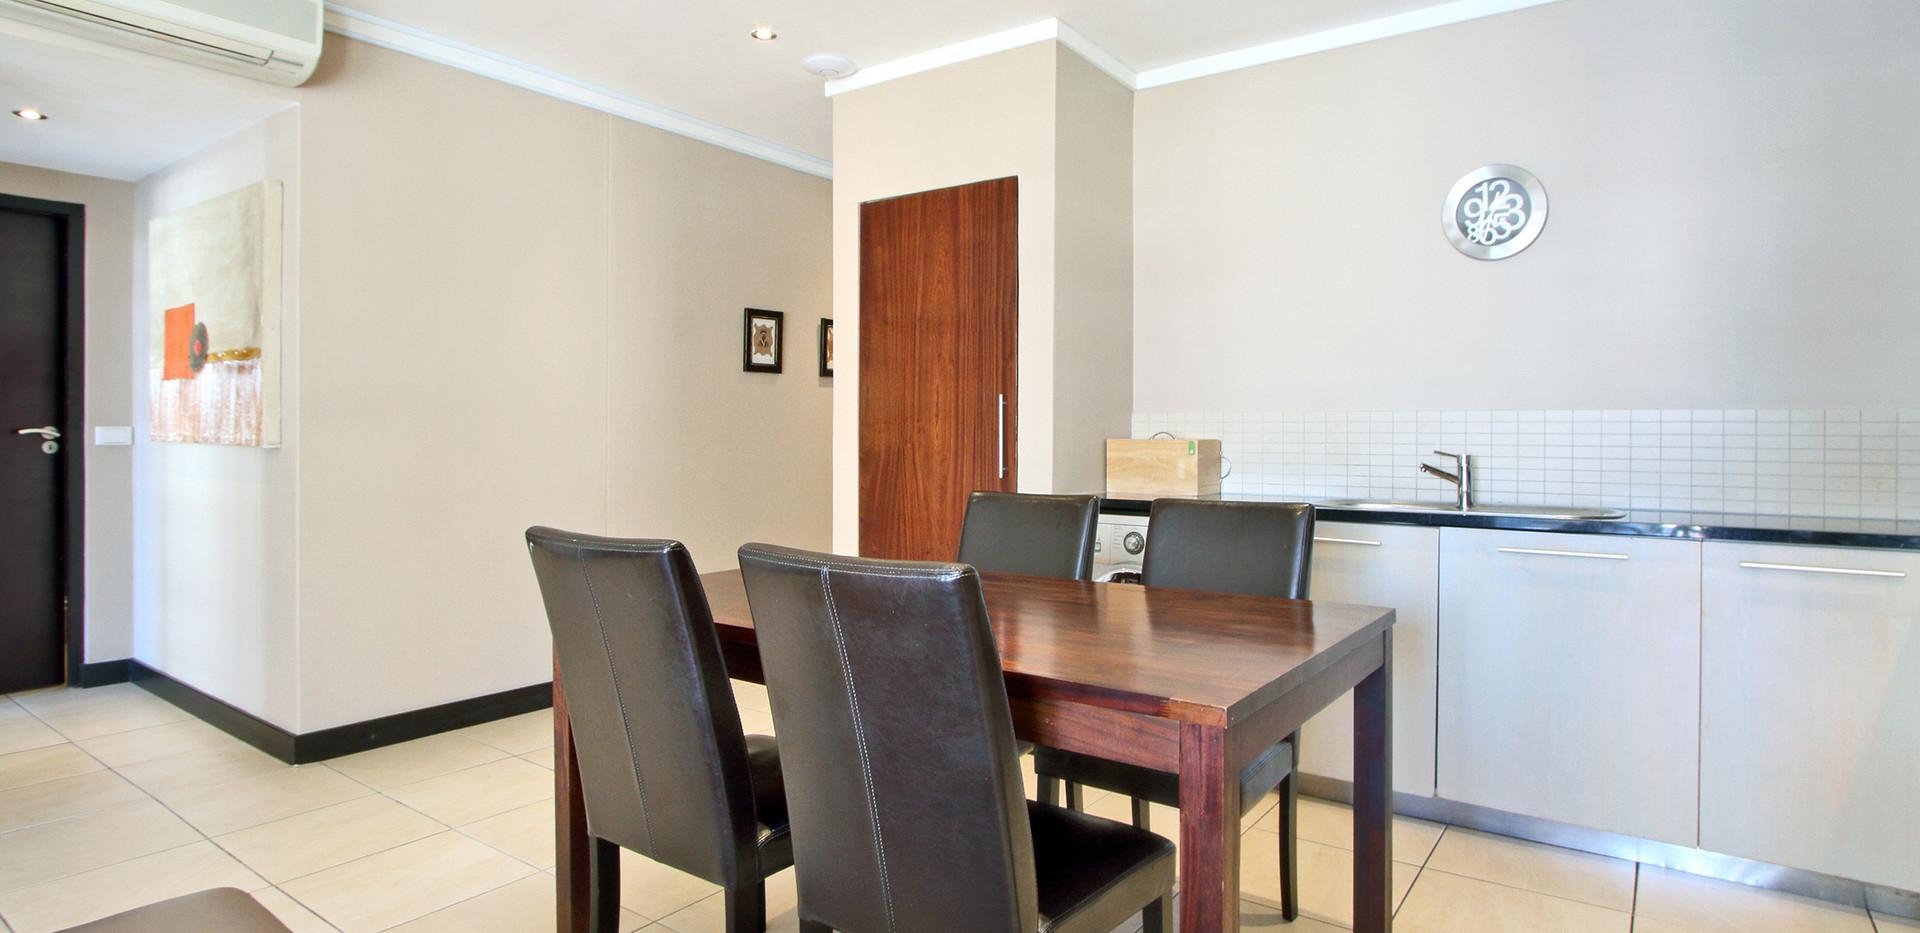 Kitchen_1bedroom_Icon_804_ITC_3.jpg